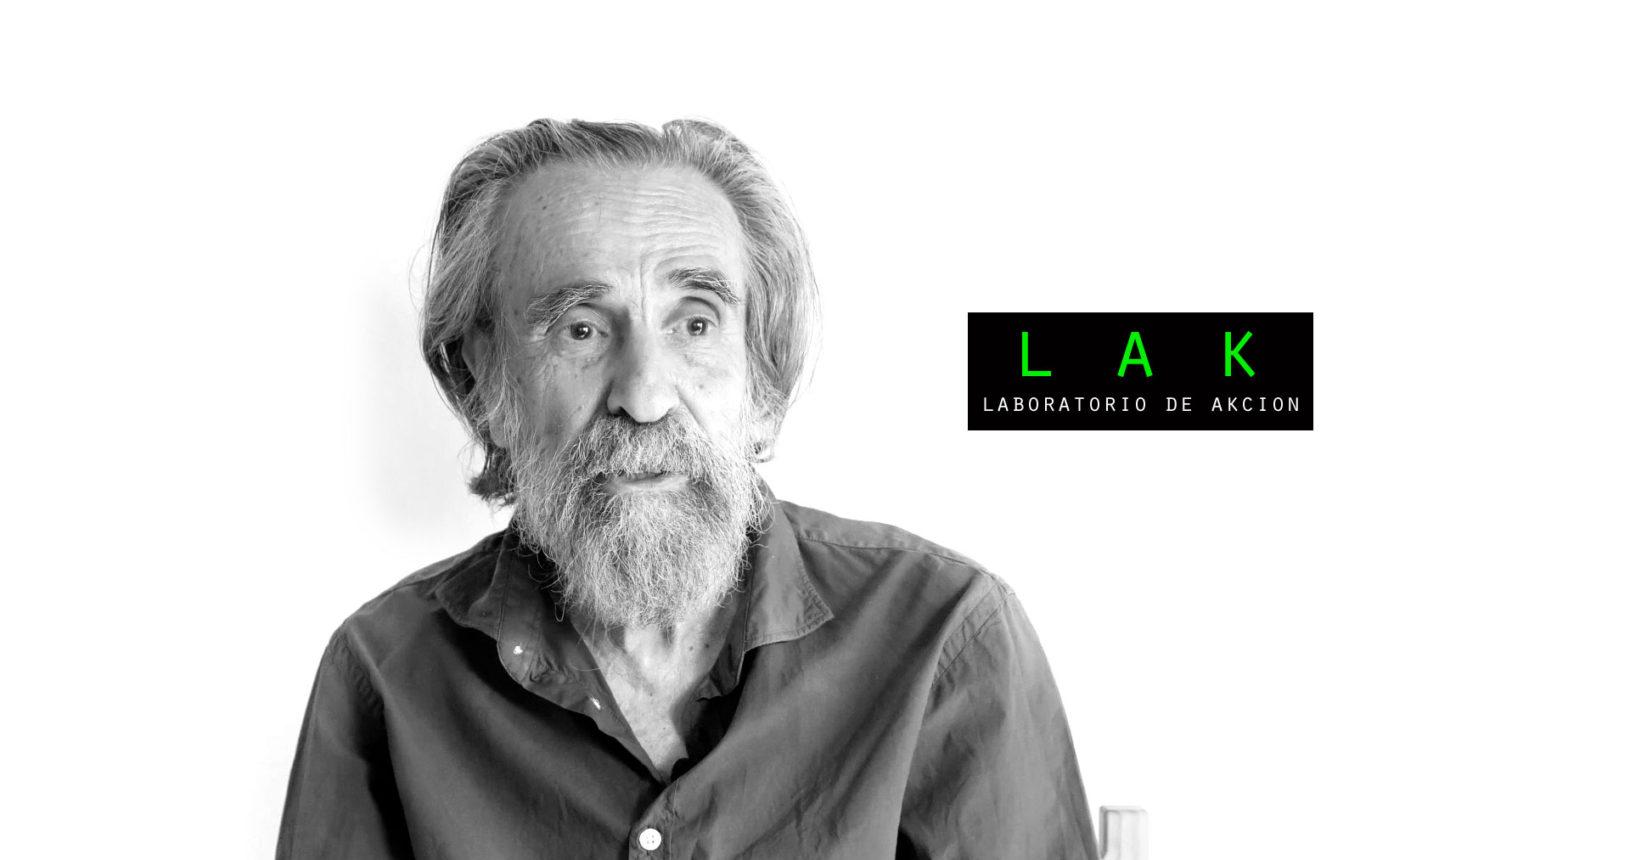 El performer Isidoro Valcárcel Medina, cartel del Laboratorio de Acción, Festival Abierto en Acción, Murcia, 2017.